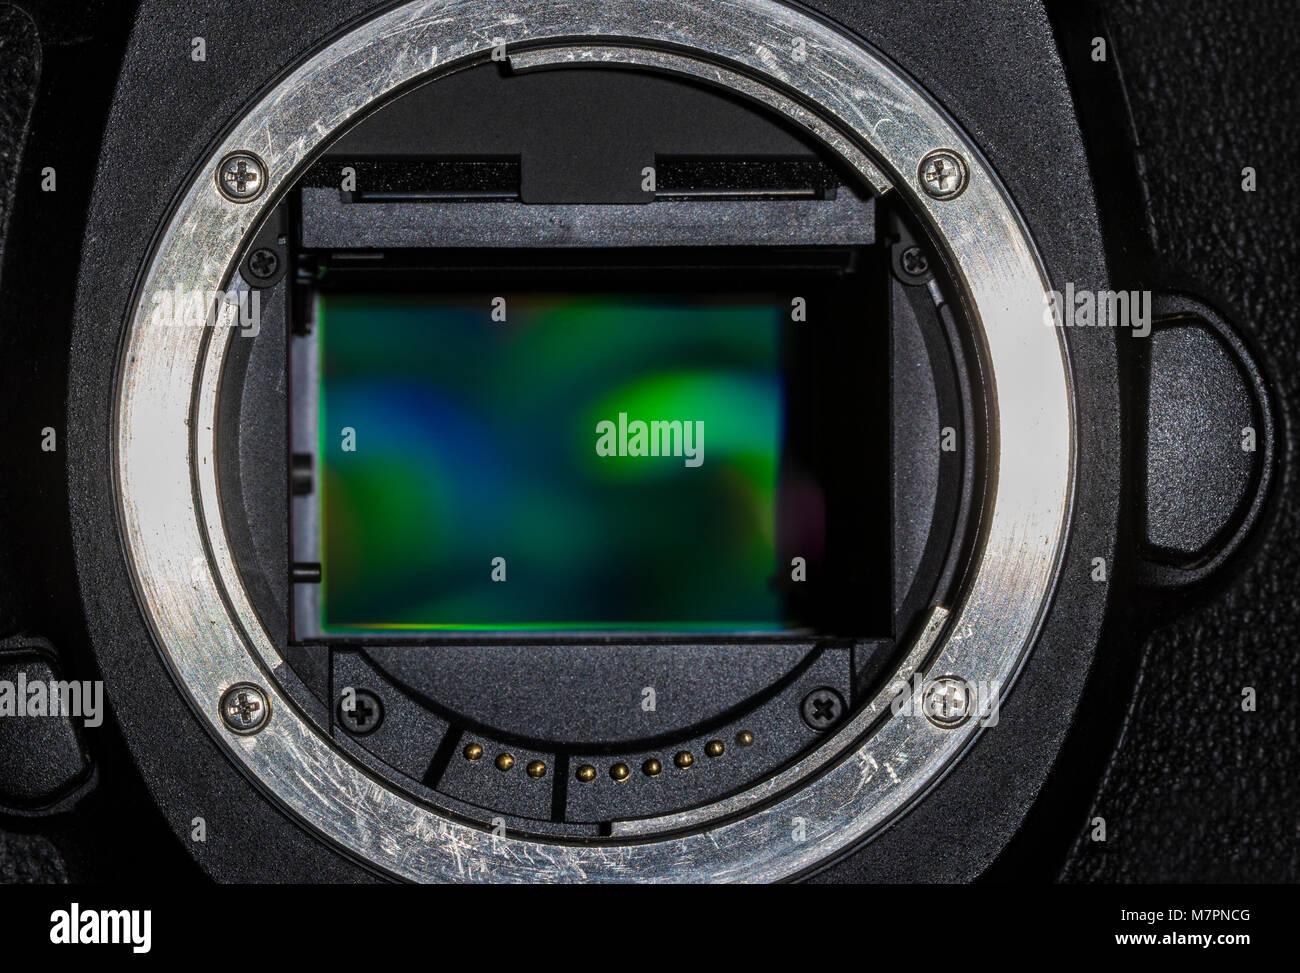 Full Sensor Imágenes De Stock & Full Sensor Fotos De Stock - Alamy